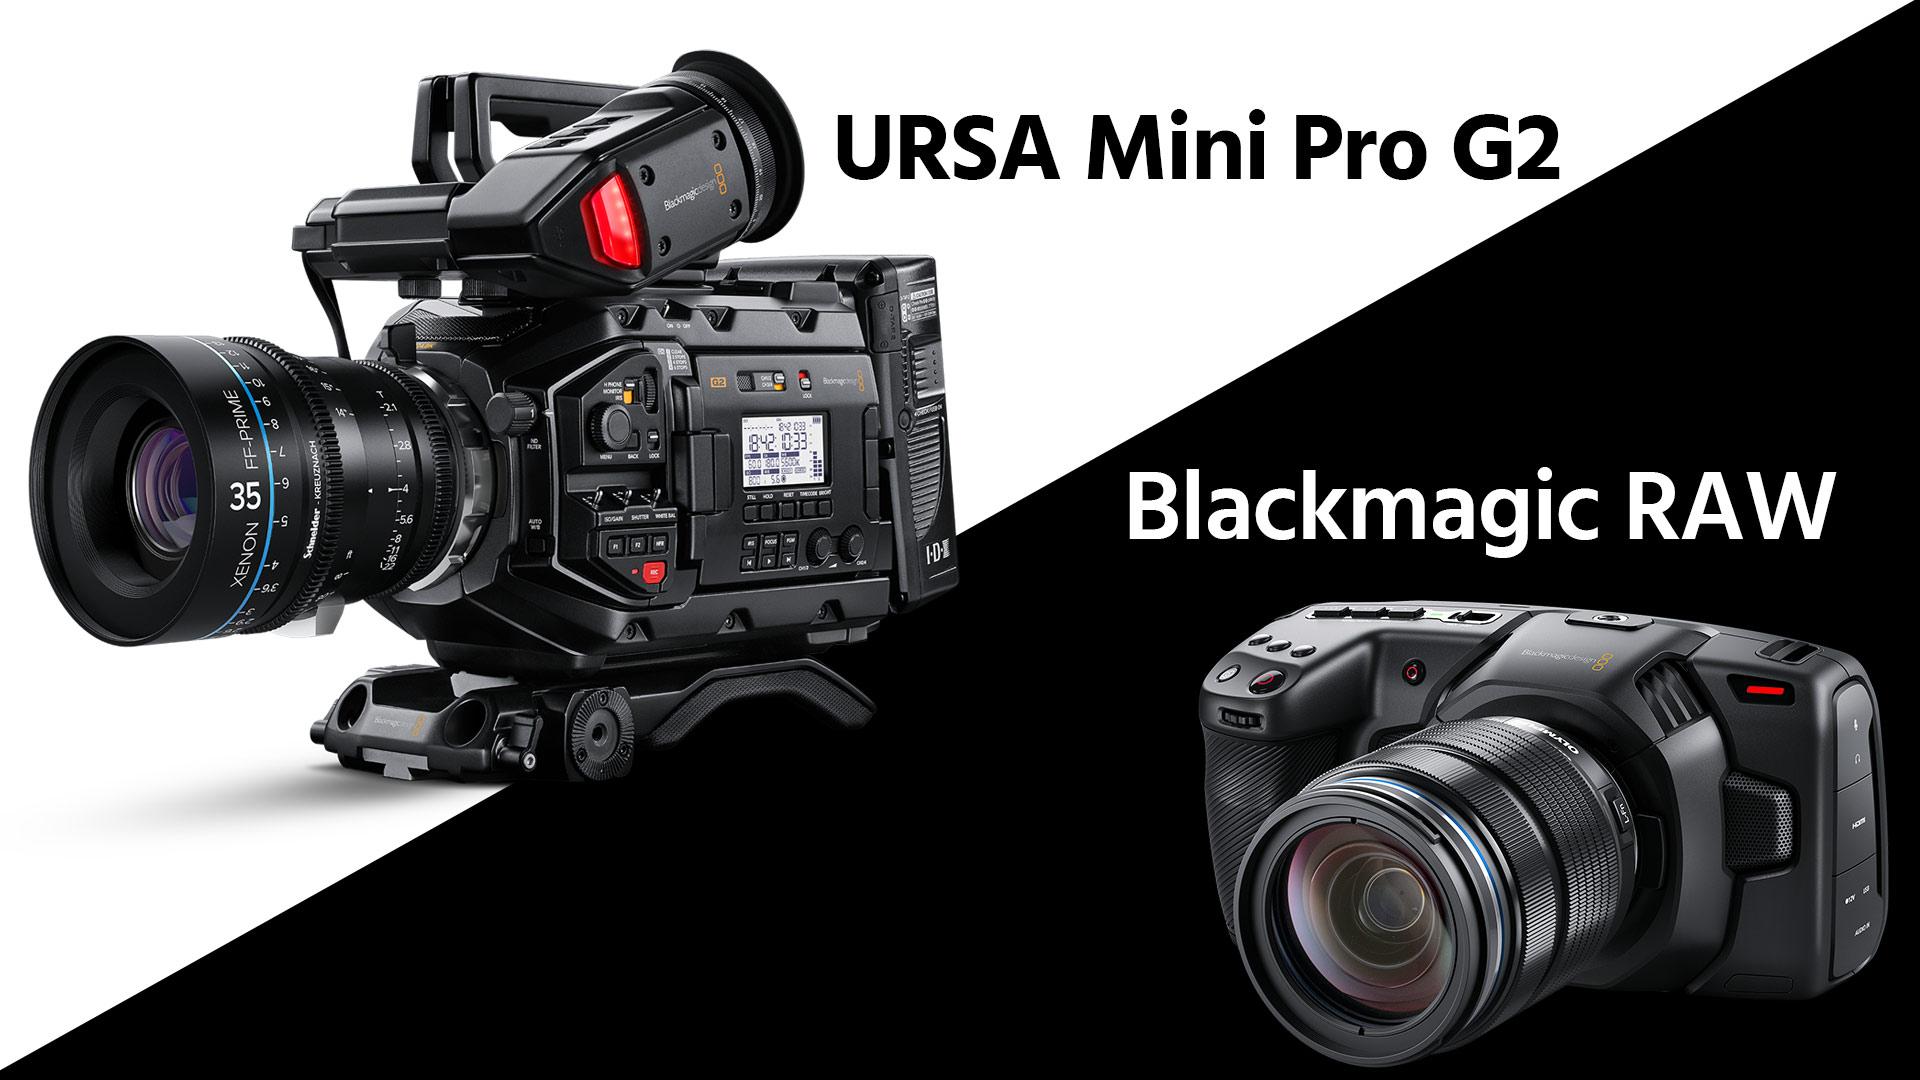 Presentan la Blackmagic URSA Mini Pro G2, la Pocket 4K ahora con Blackmagic RAW, se acabó el DNG